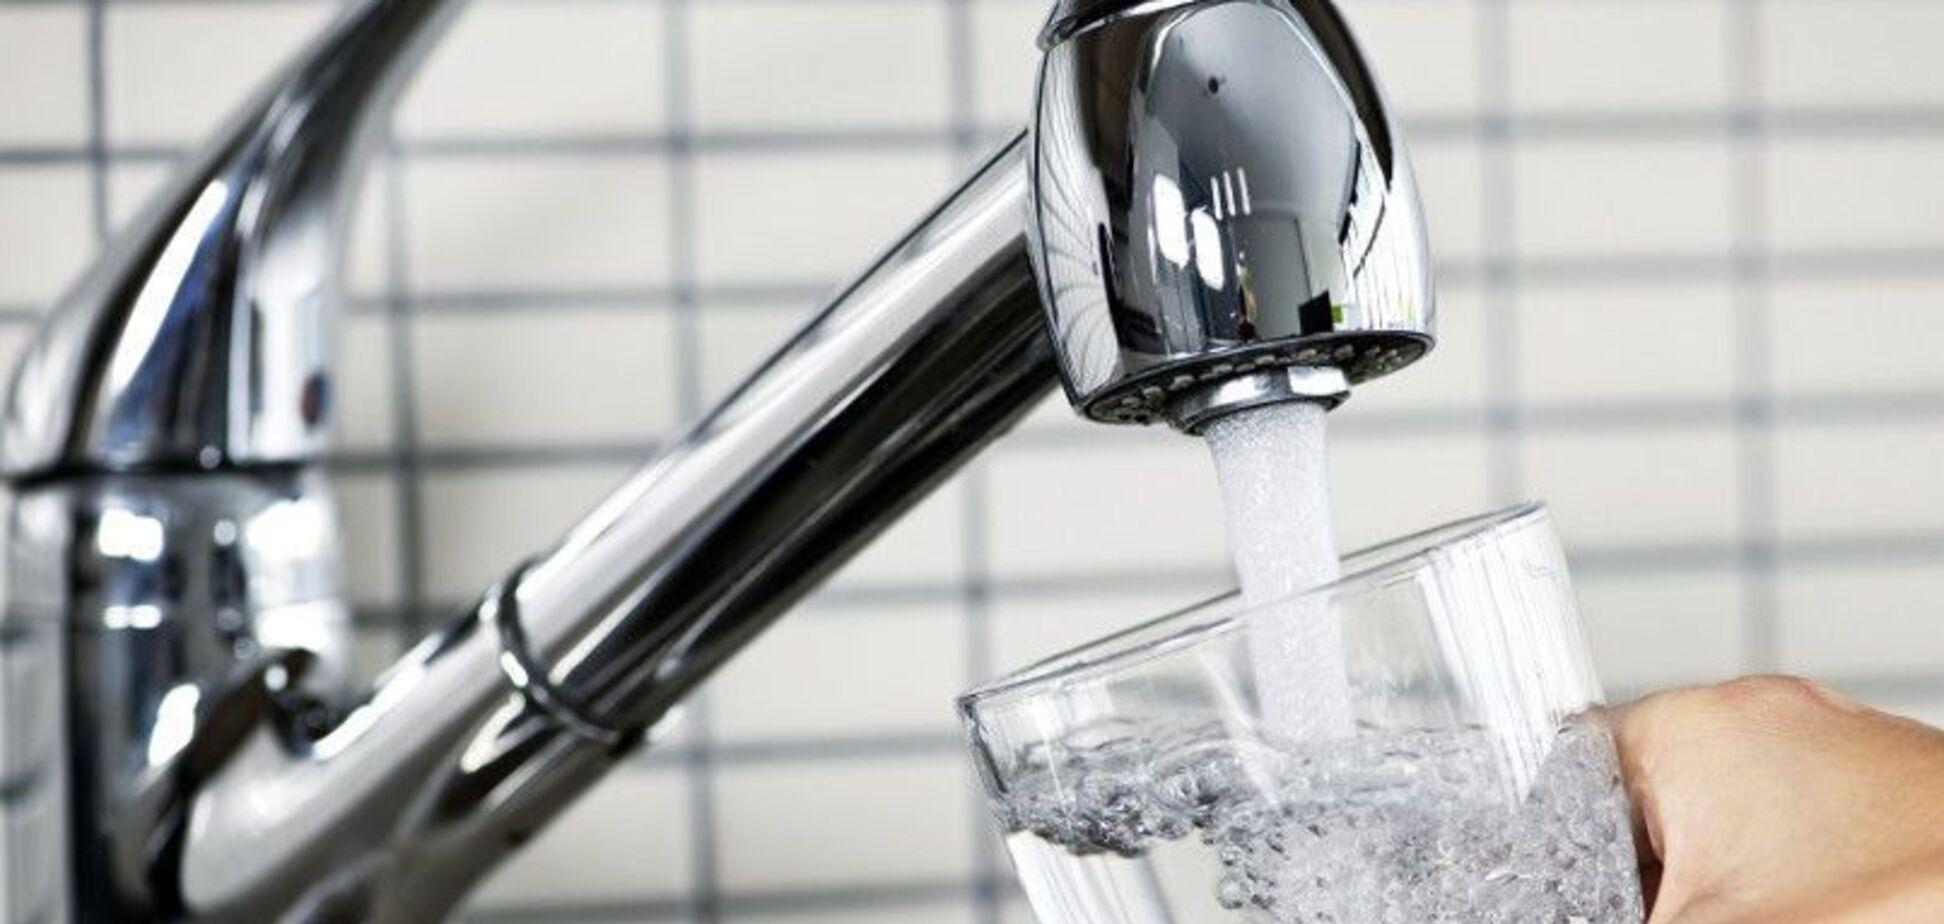 В Днепре предупредили об отключении воды: список адресов